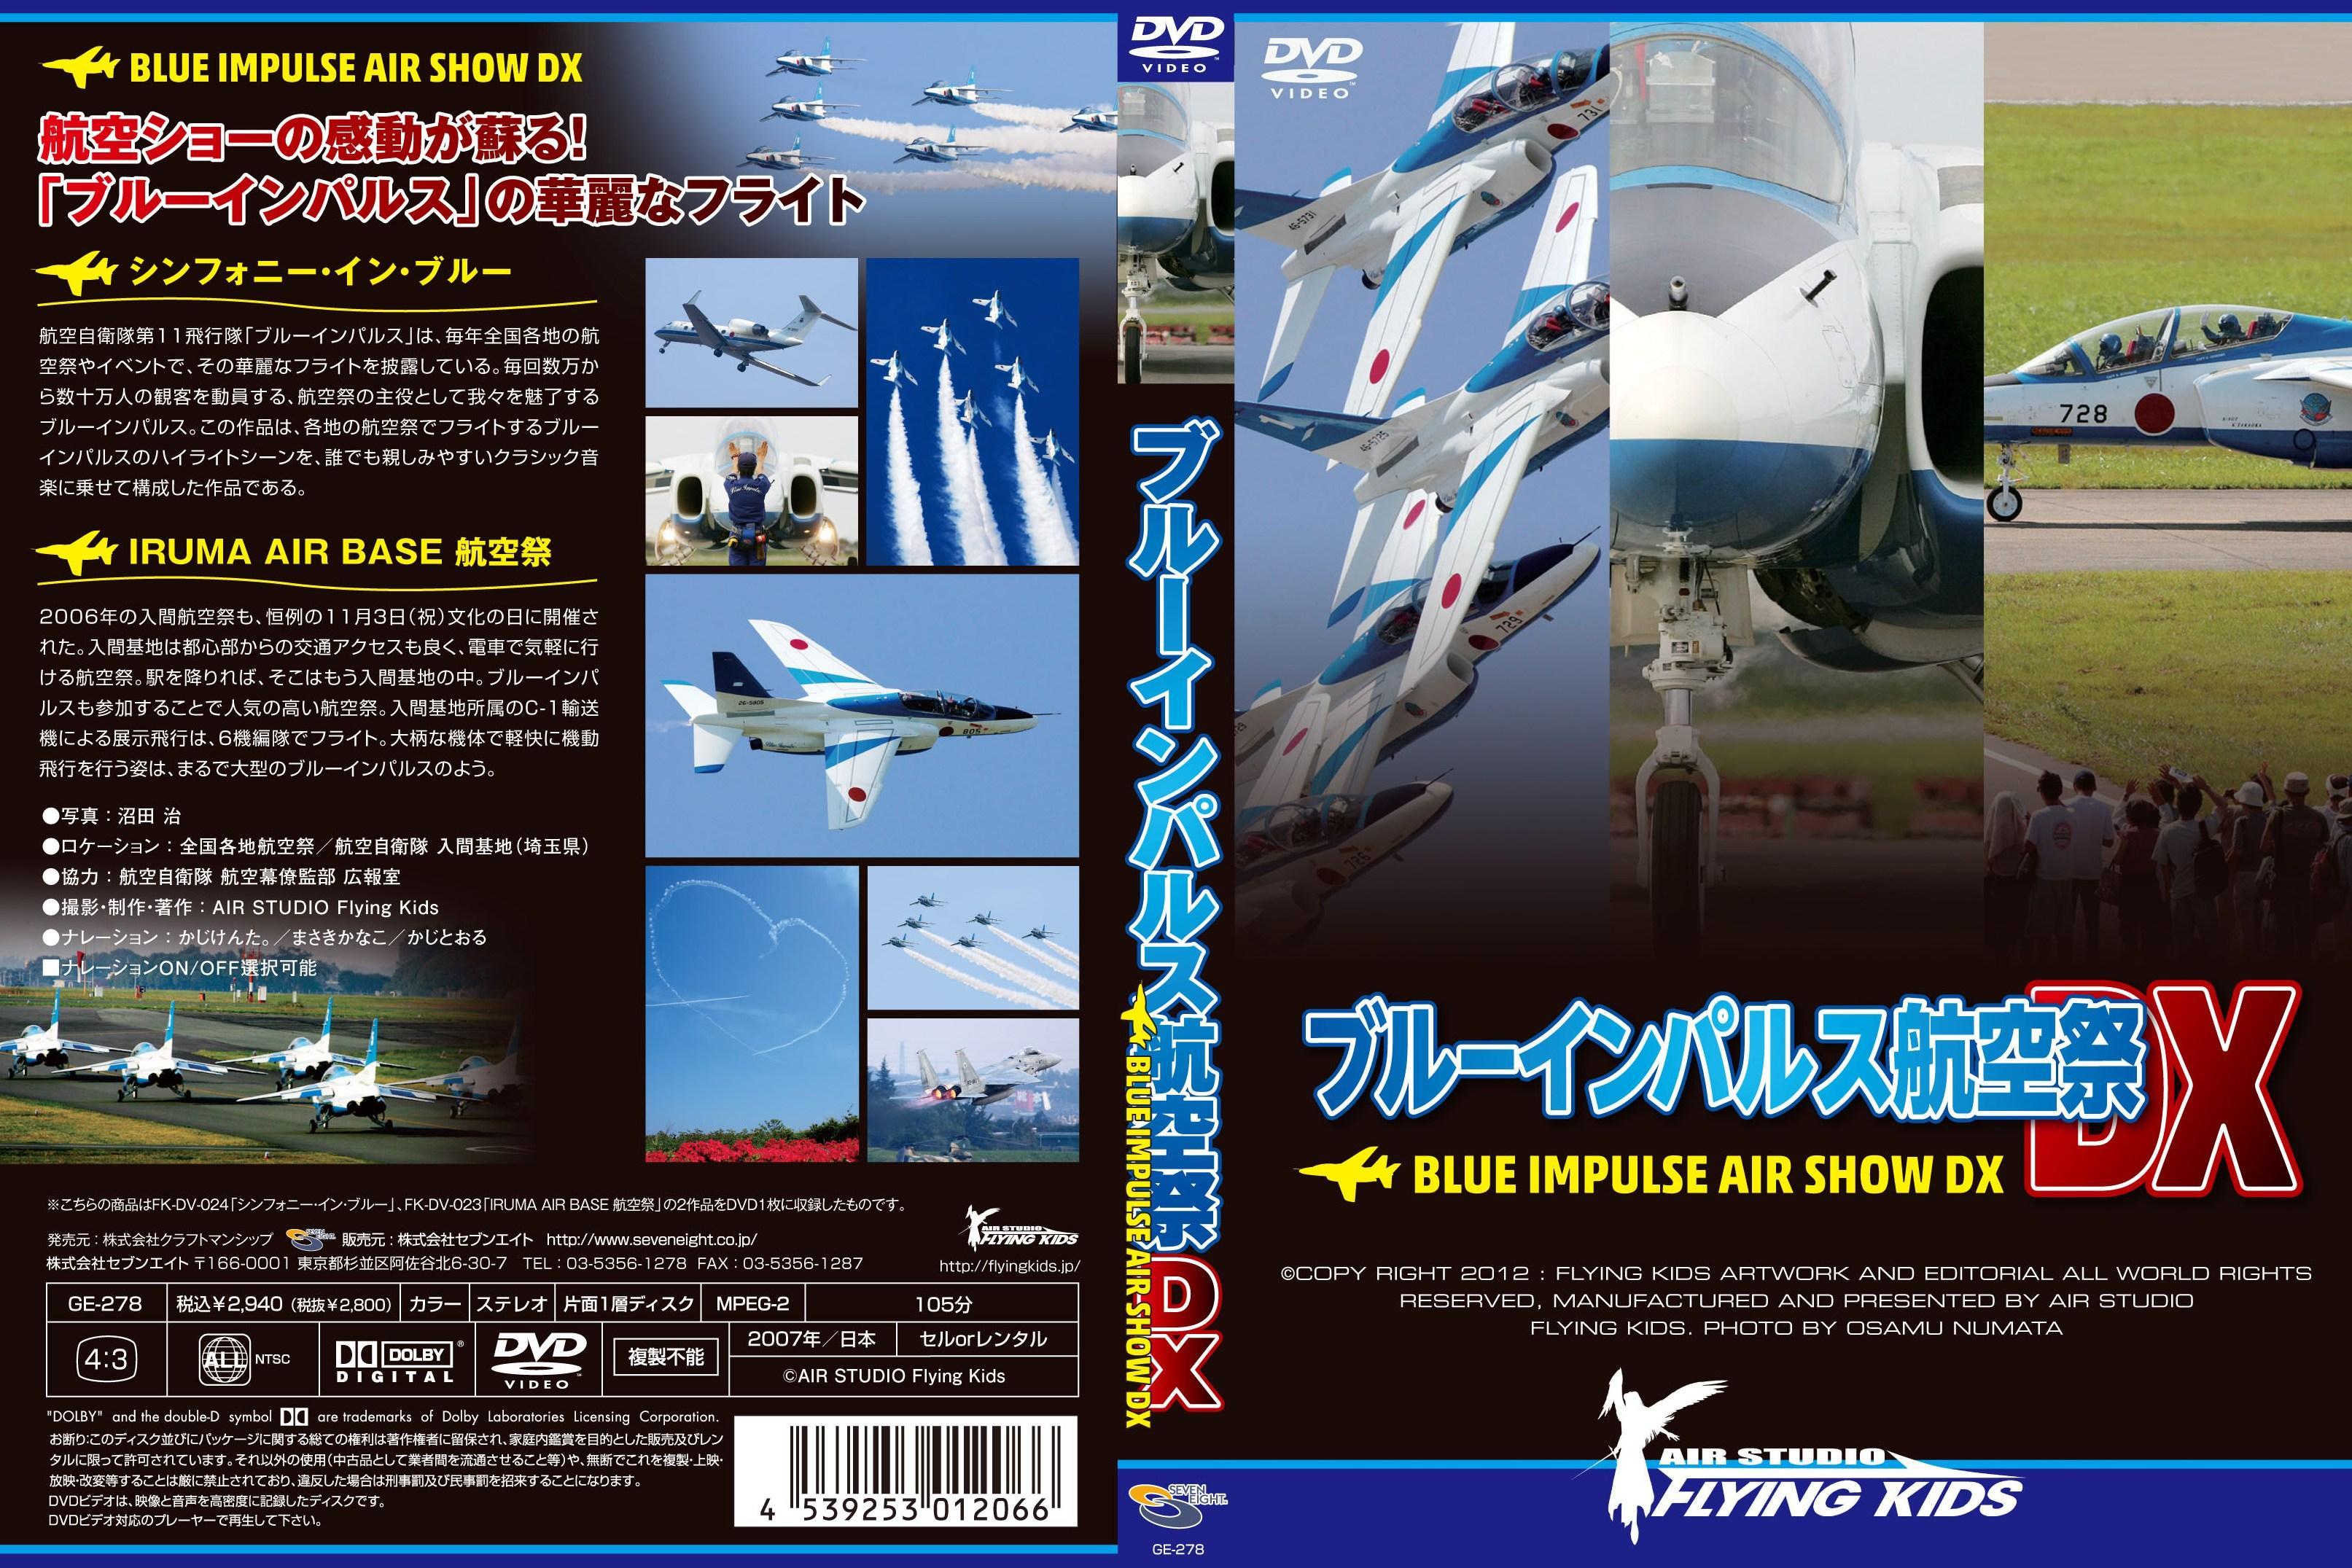 ブルーインパルス航空祭DX のサムネイル画像